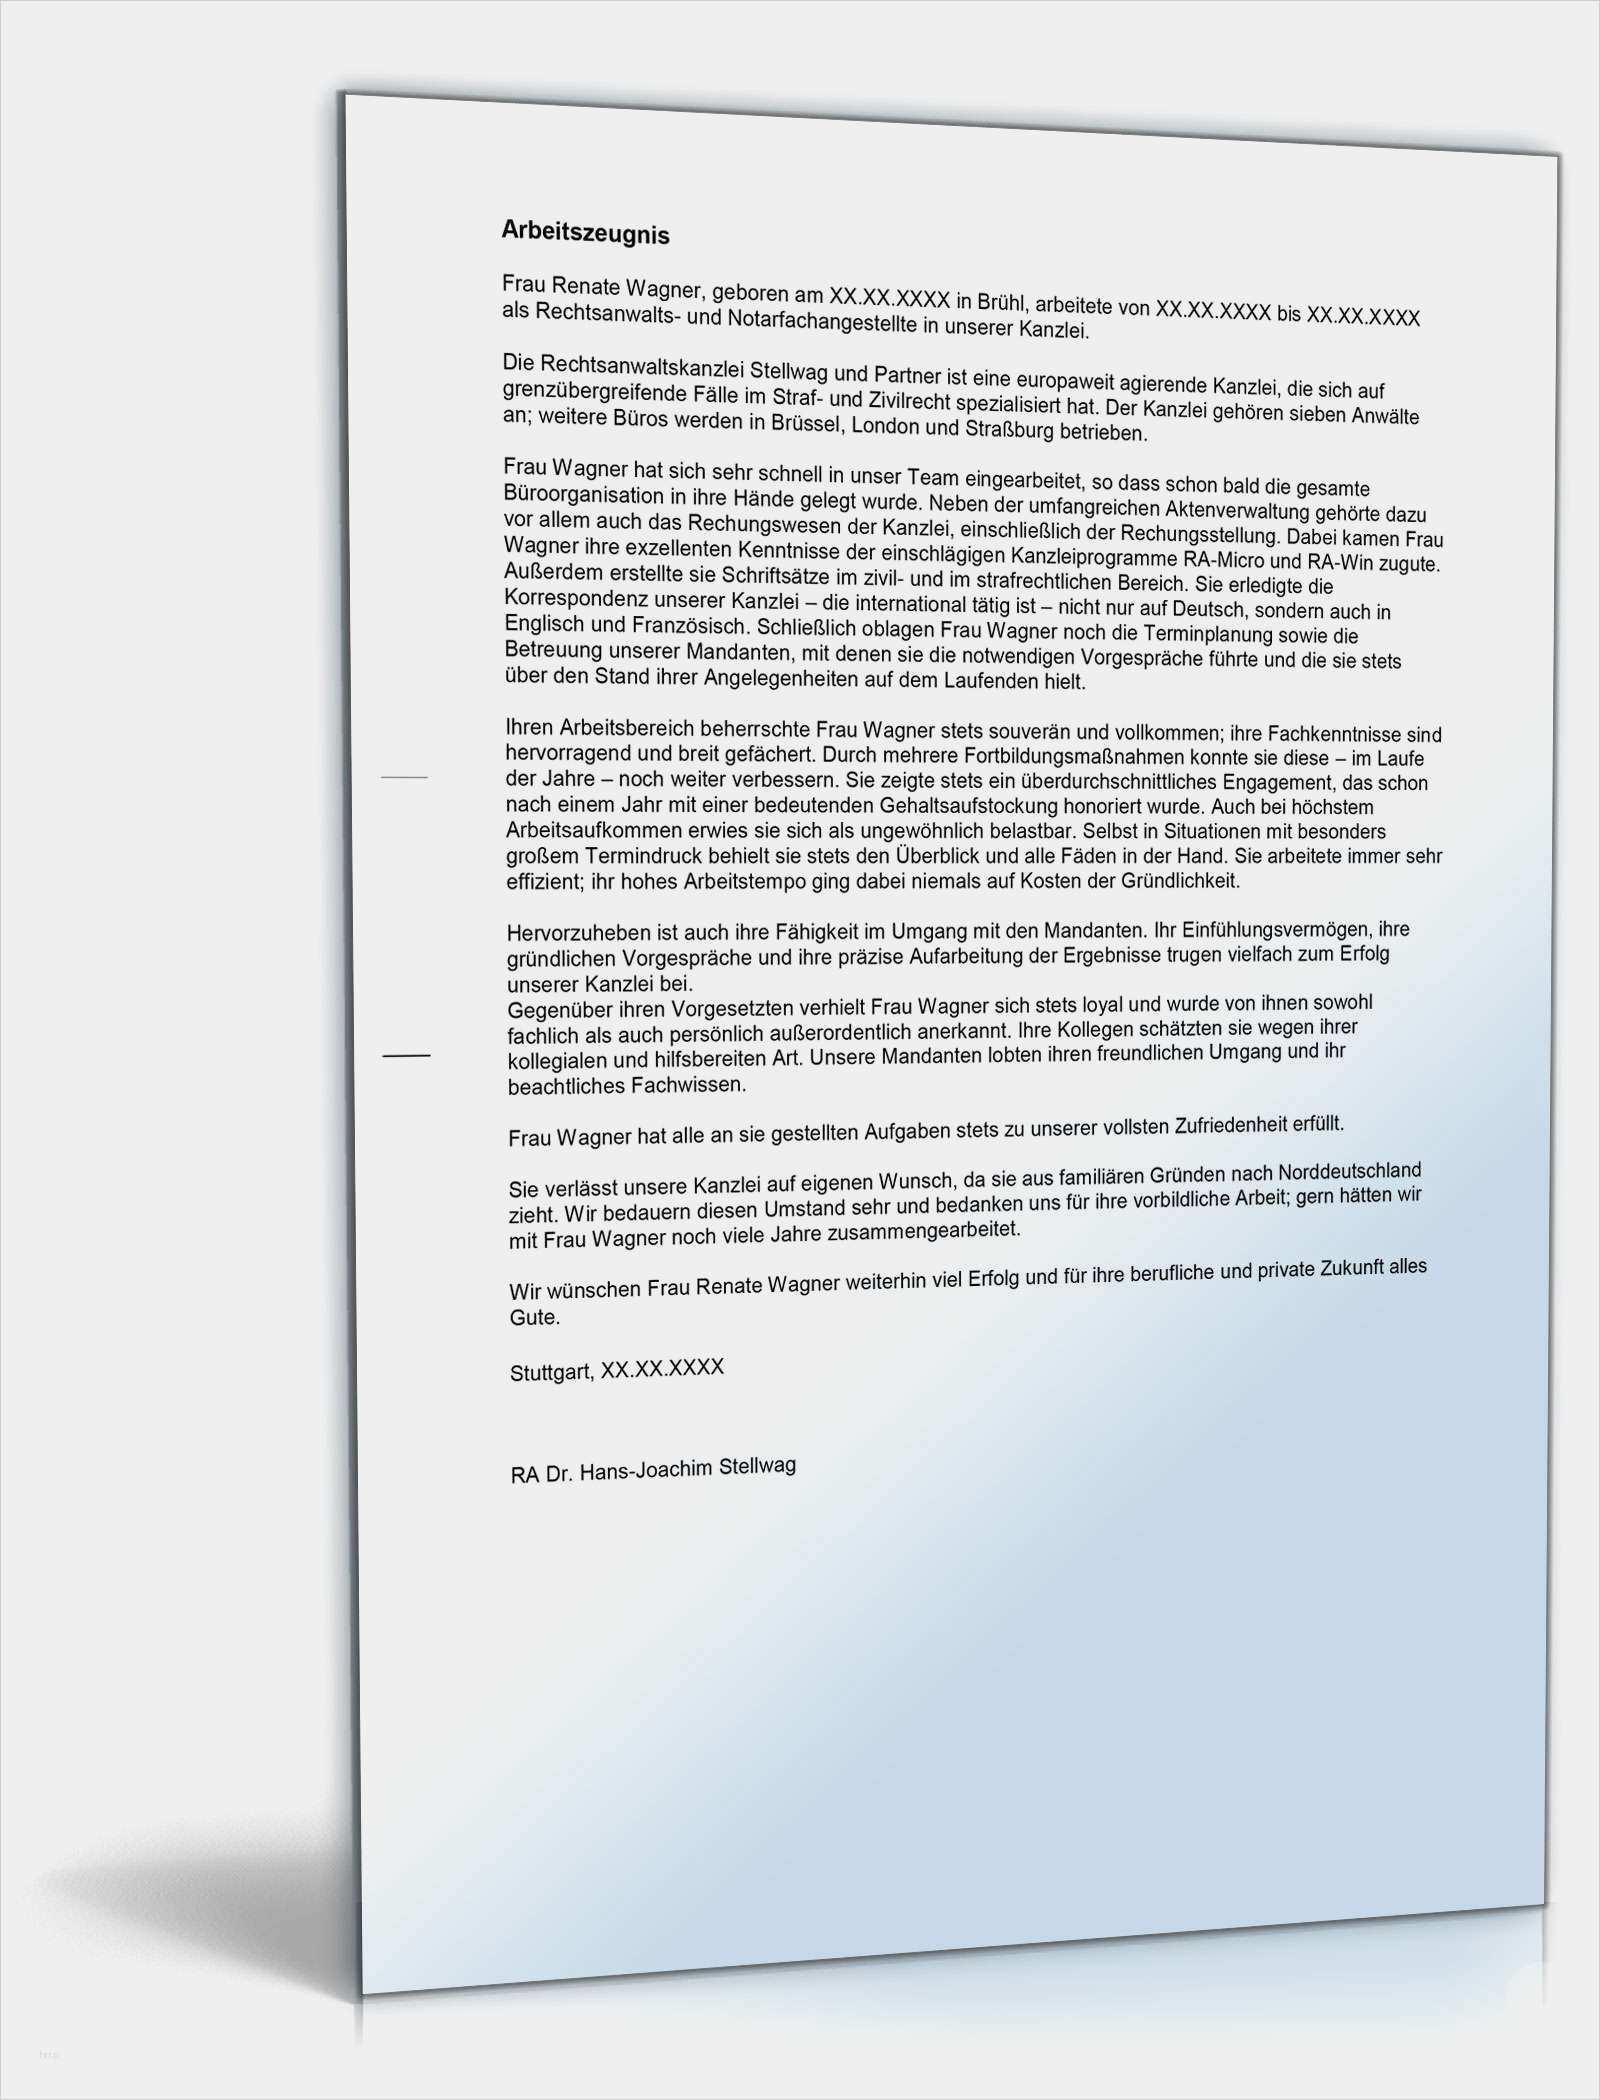 Neu Arbeitszeugnis Elektrotechniker Vorlagen Modelle Arbeitszeugnis Zeugnis Rechtsanwaltsfachangestellte